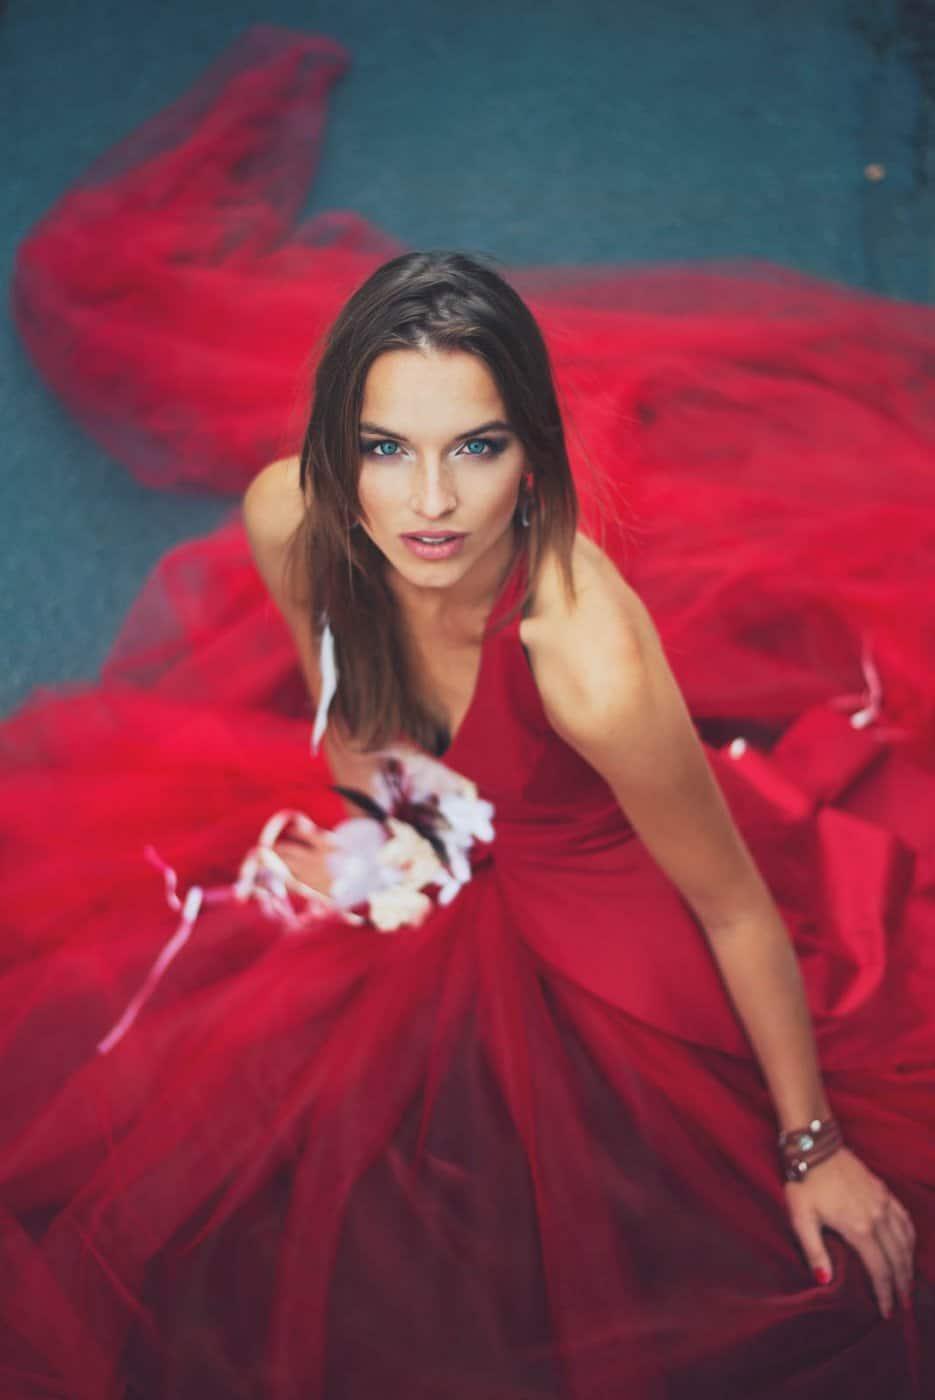 Portrait Photography By Anastasia Vervueren Red Dress Kryzalidea